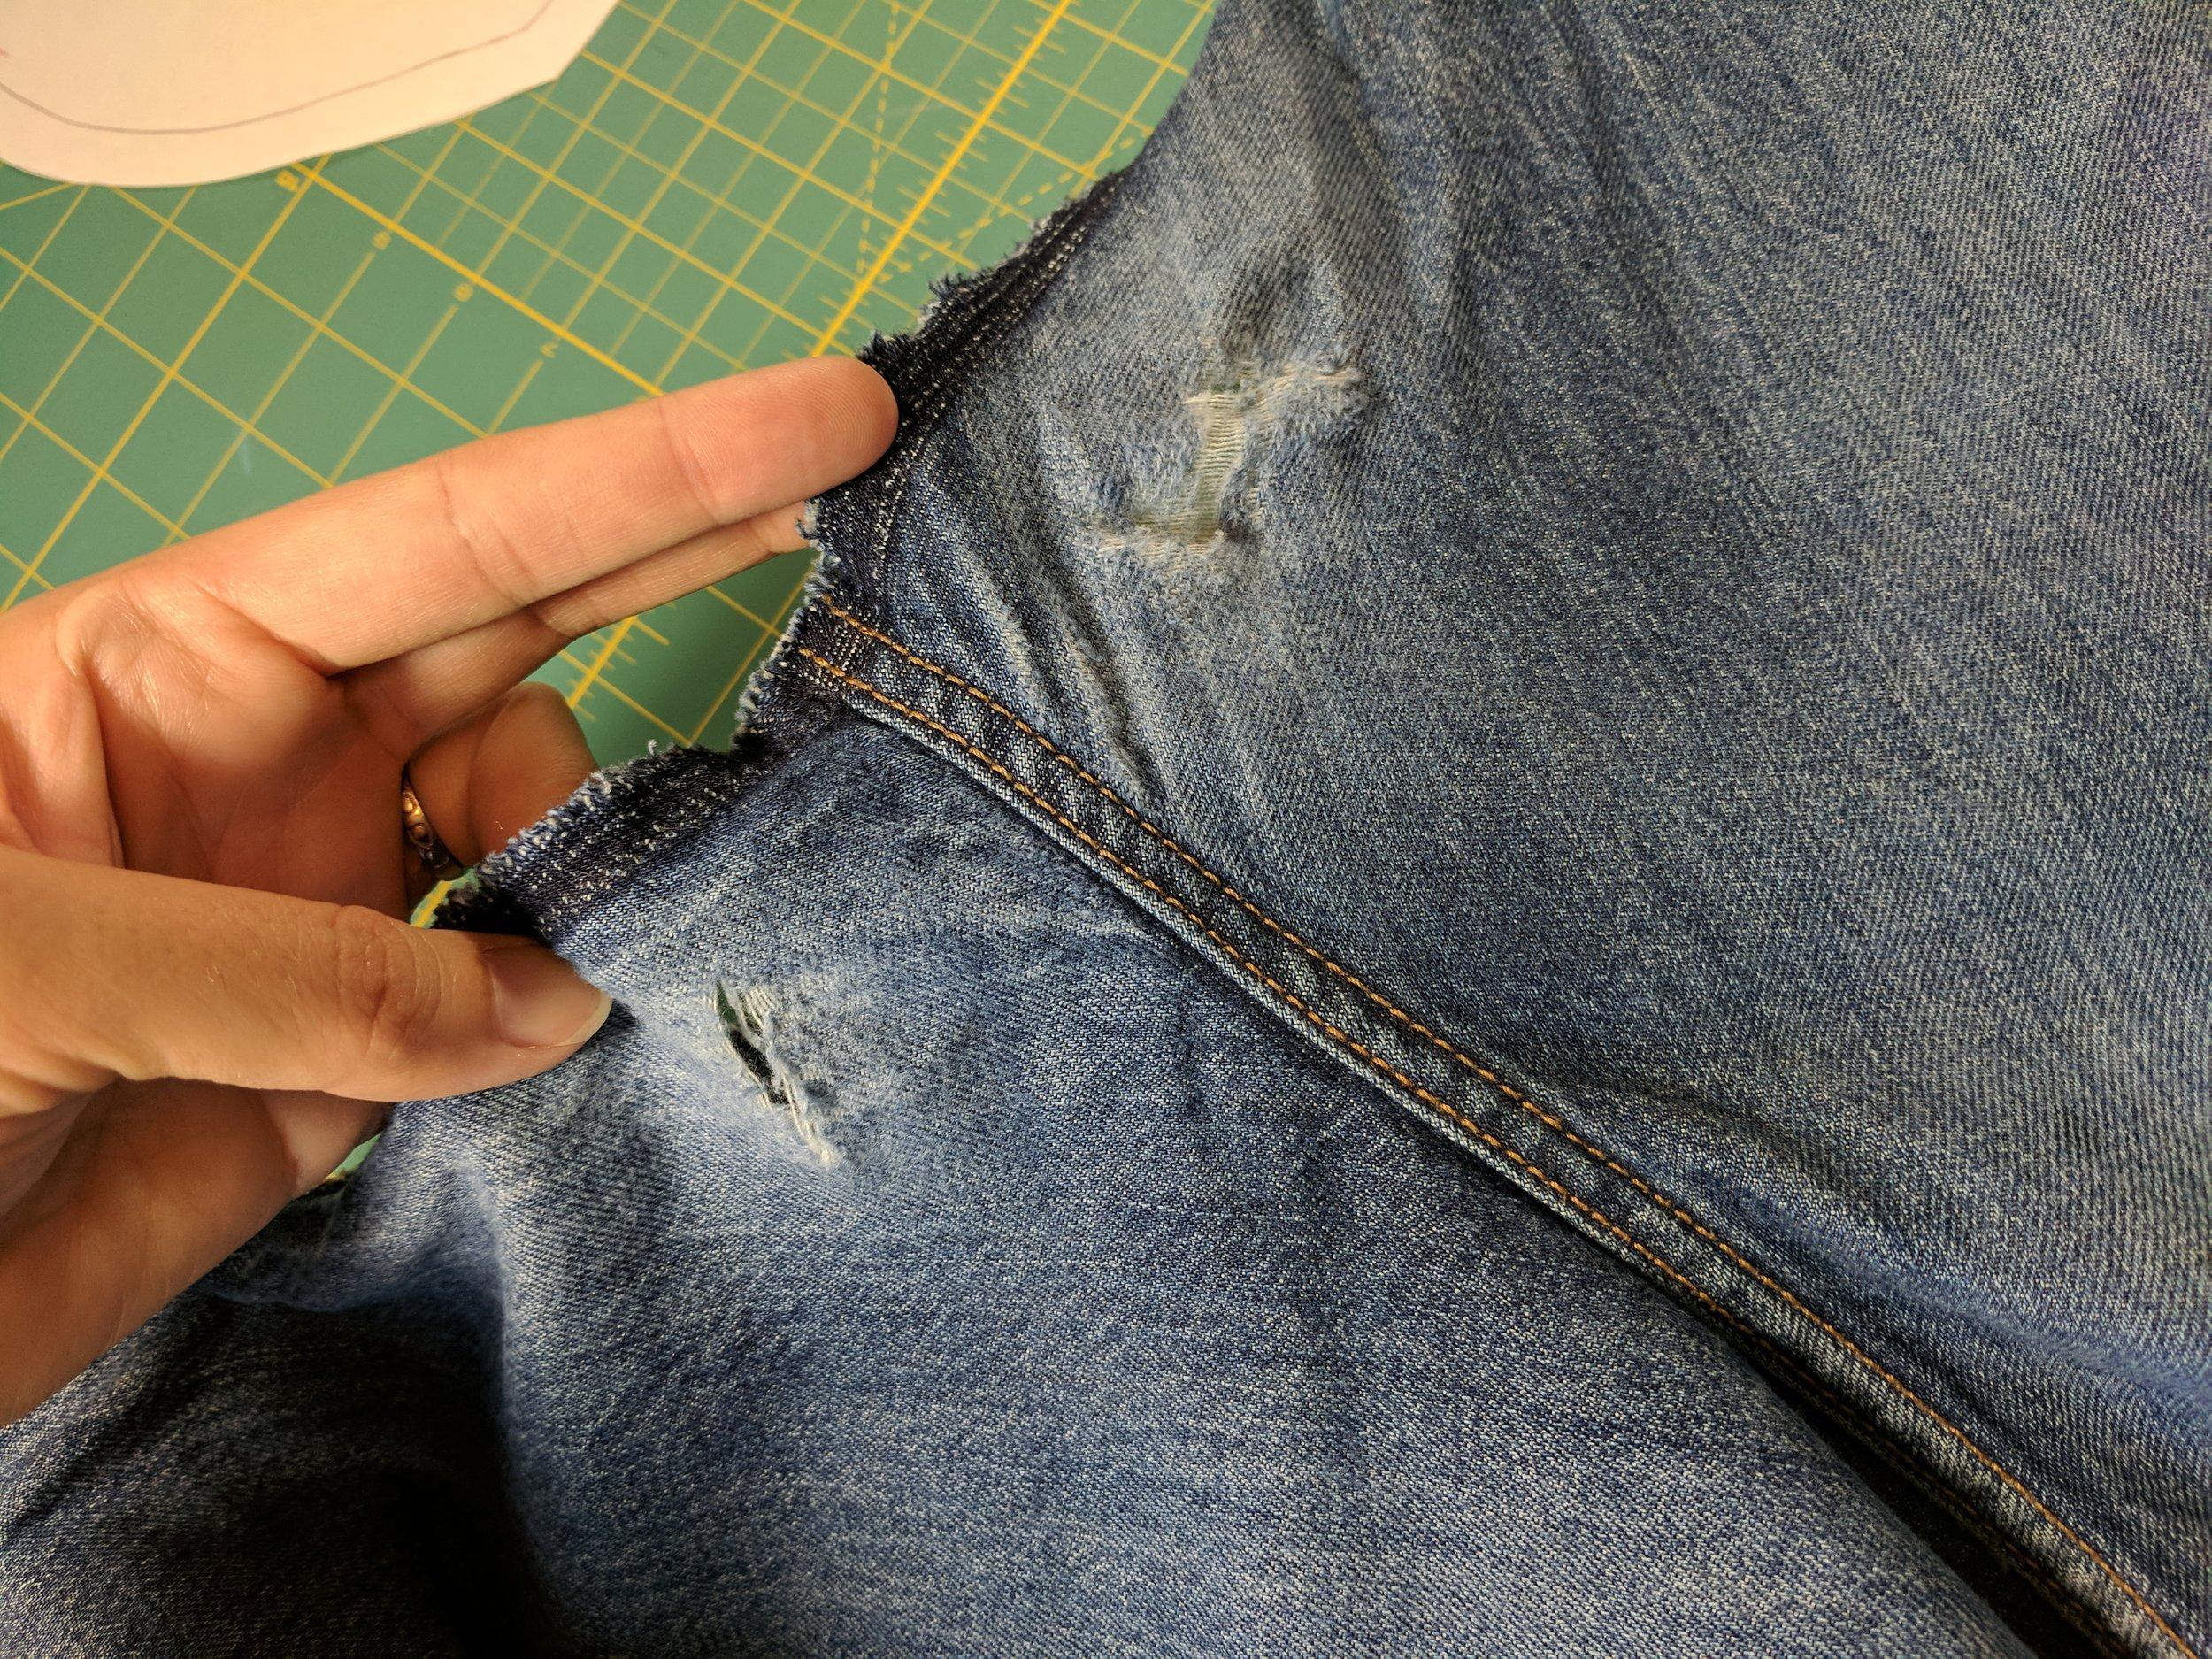 jeans inseam repair